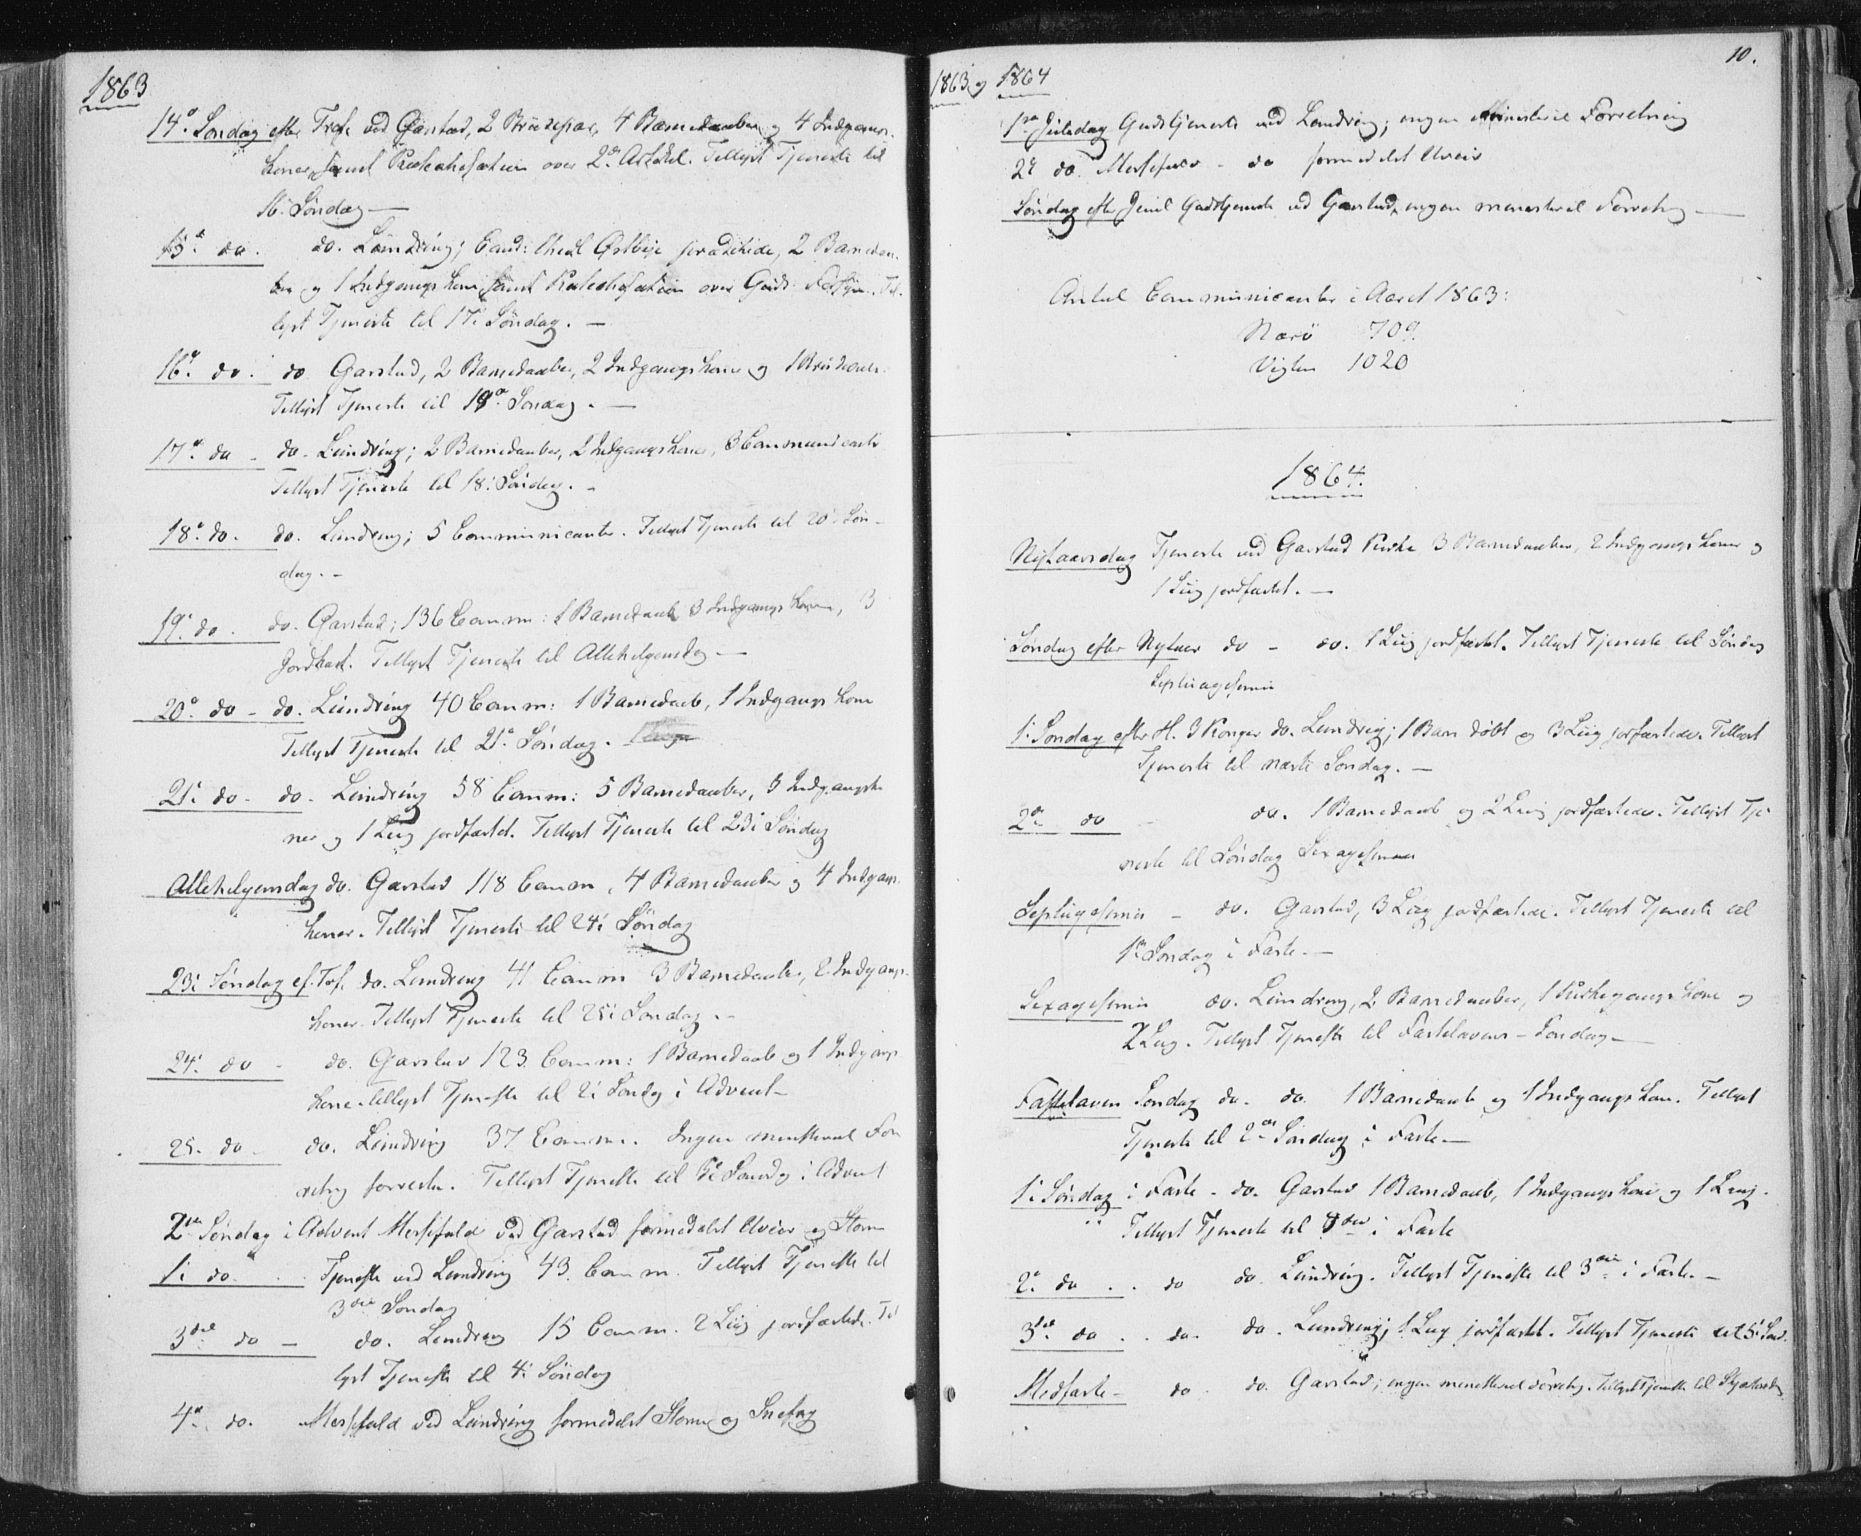 SAT, Ministerialprotokoller, klokkerbøker og fødselsregistre - Nord-Trøndelag, 784/L0670: Ministerialbok nr. 784A05, 1860-1876, s. 10